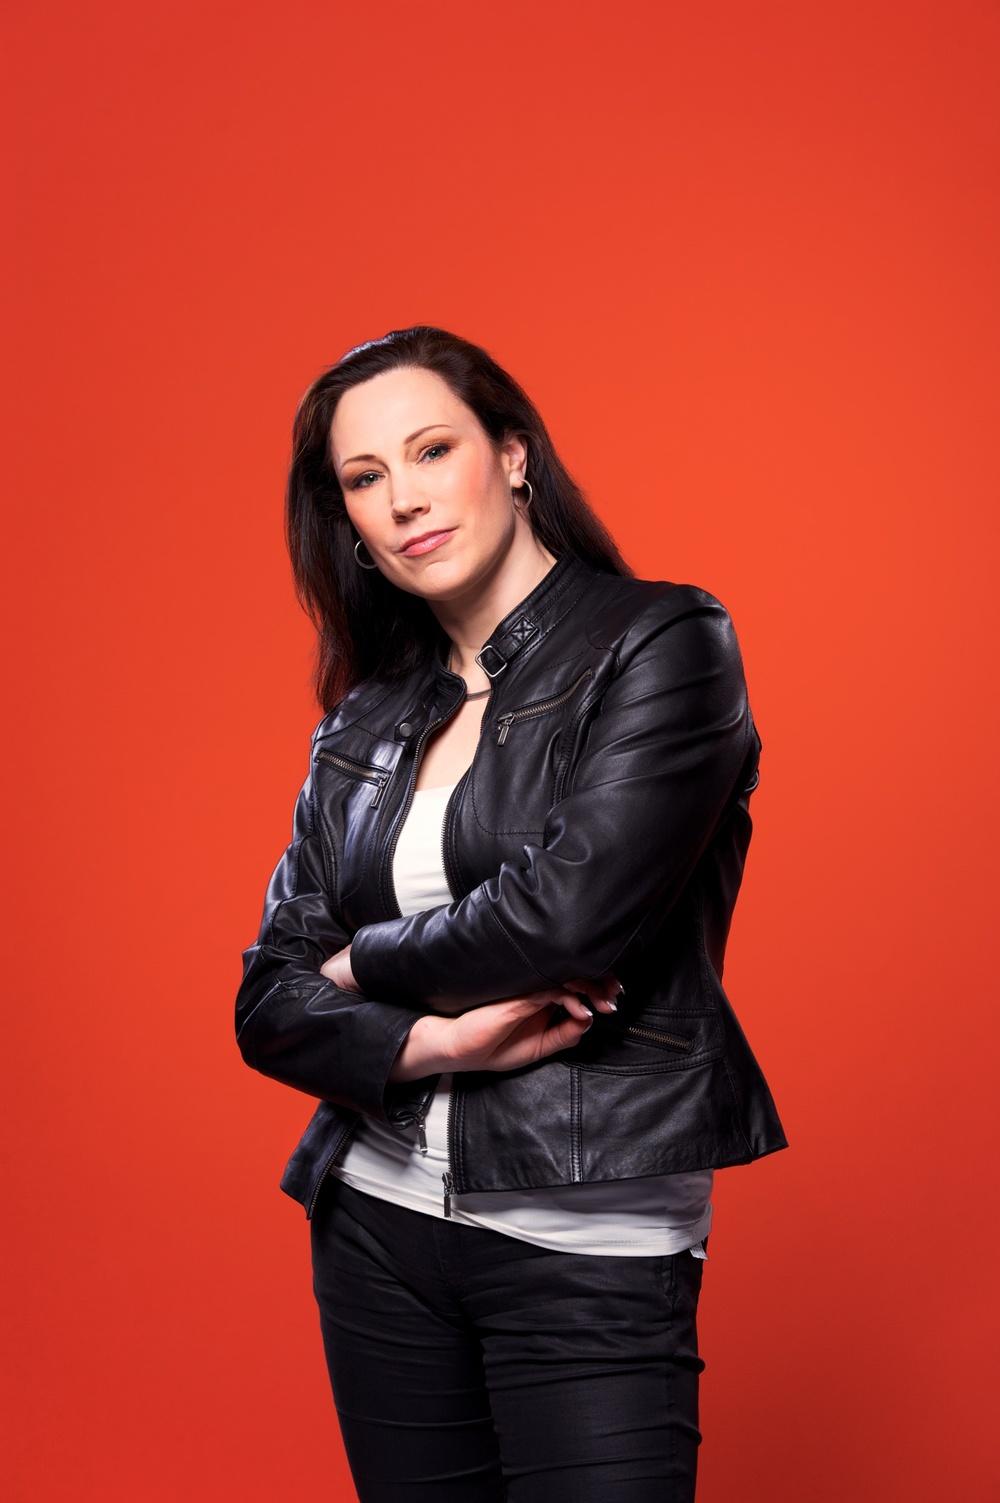 Pressbild på Annika Lidne mot orange bakgrund ©Tobias Björkgren